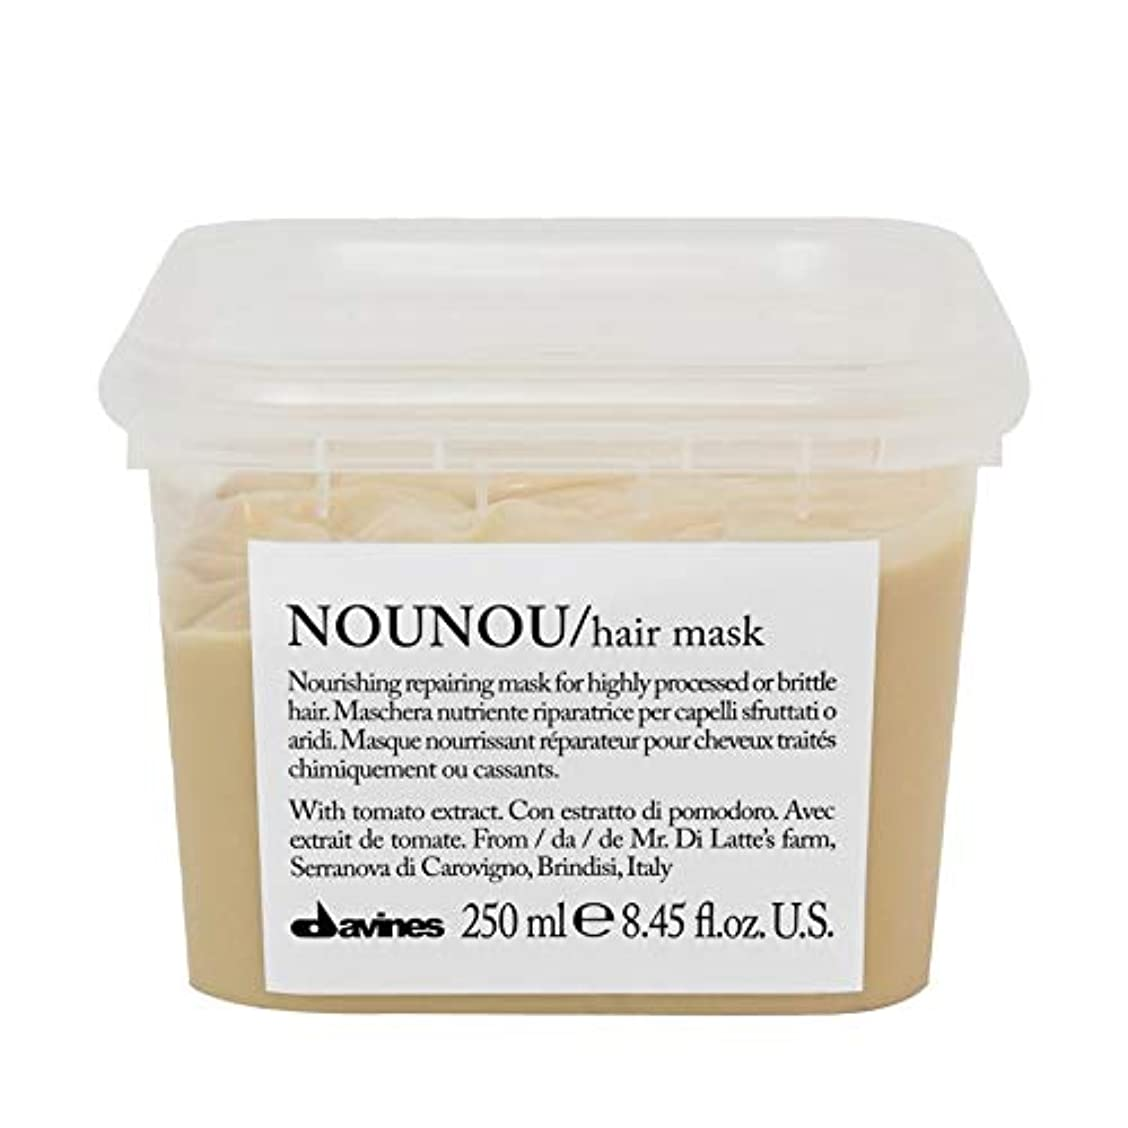 赤外線音声学古くなった[Davines ] ヘアマスク250ミリリットルノウノウダヴィネス - Davines Nounou Hair Mask 250ml [並行輸入品]